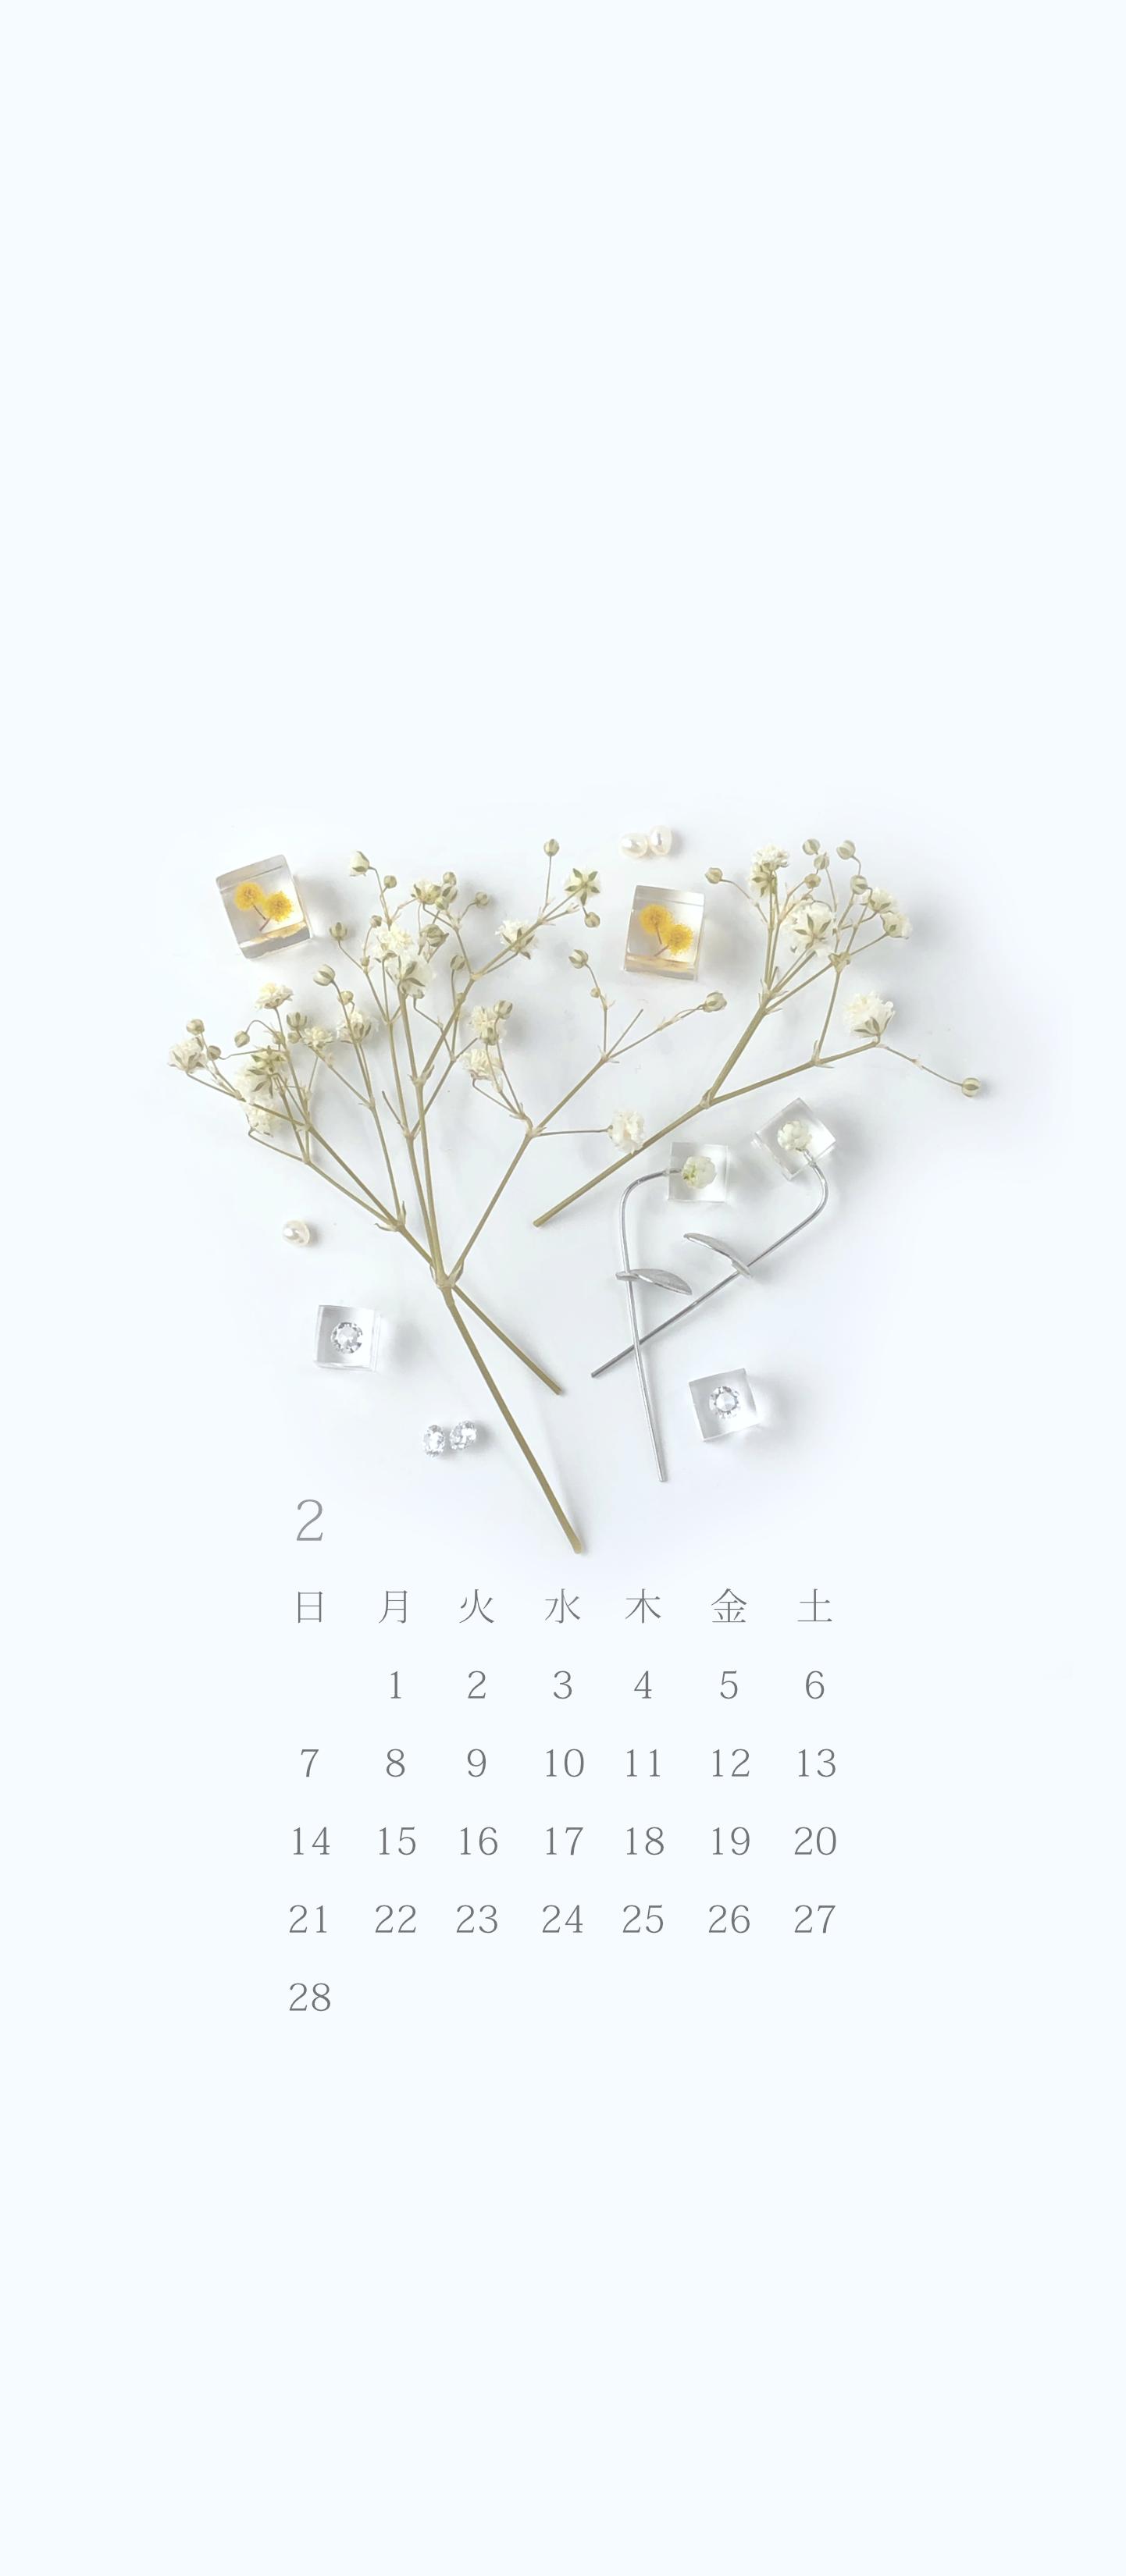 無料ロック画面カレンダー 「2月 冬と春のあいだ」